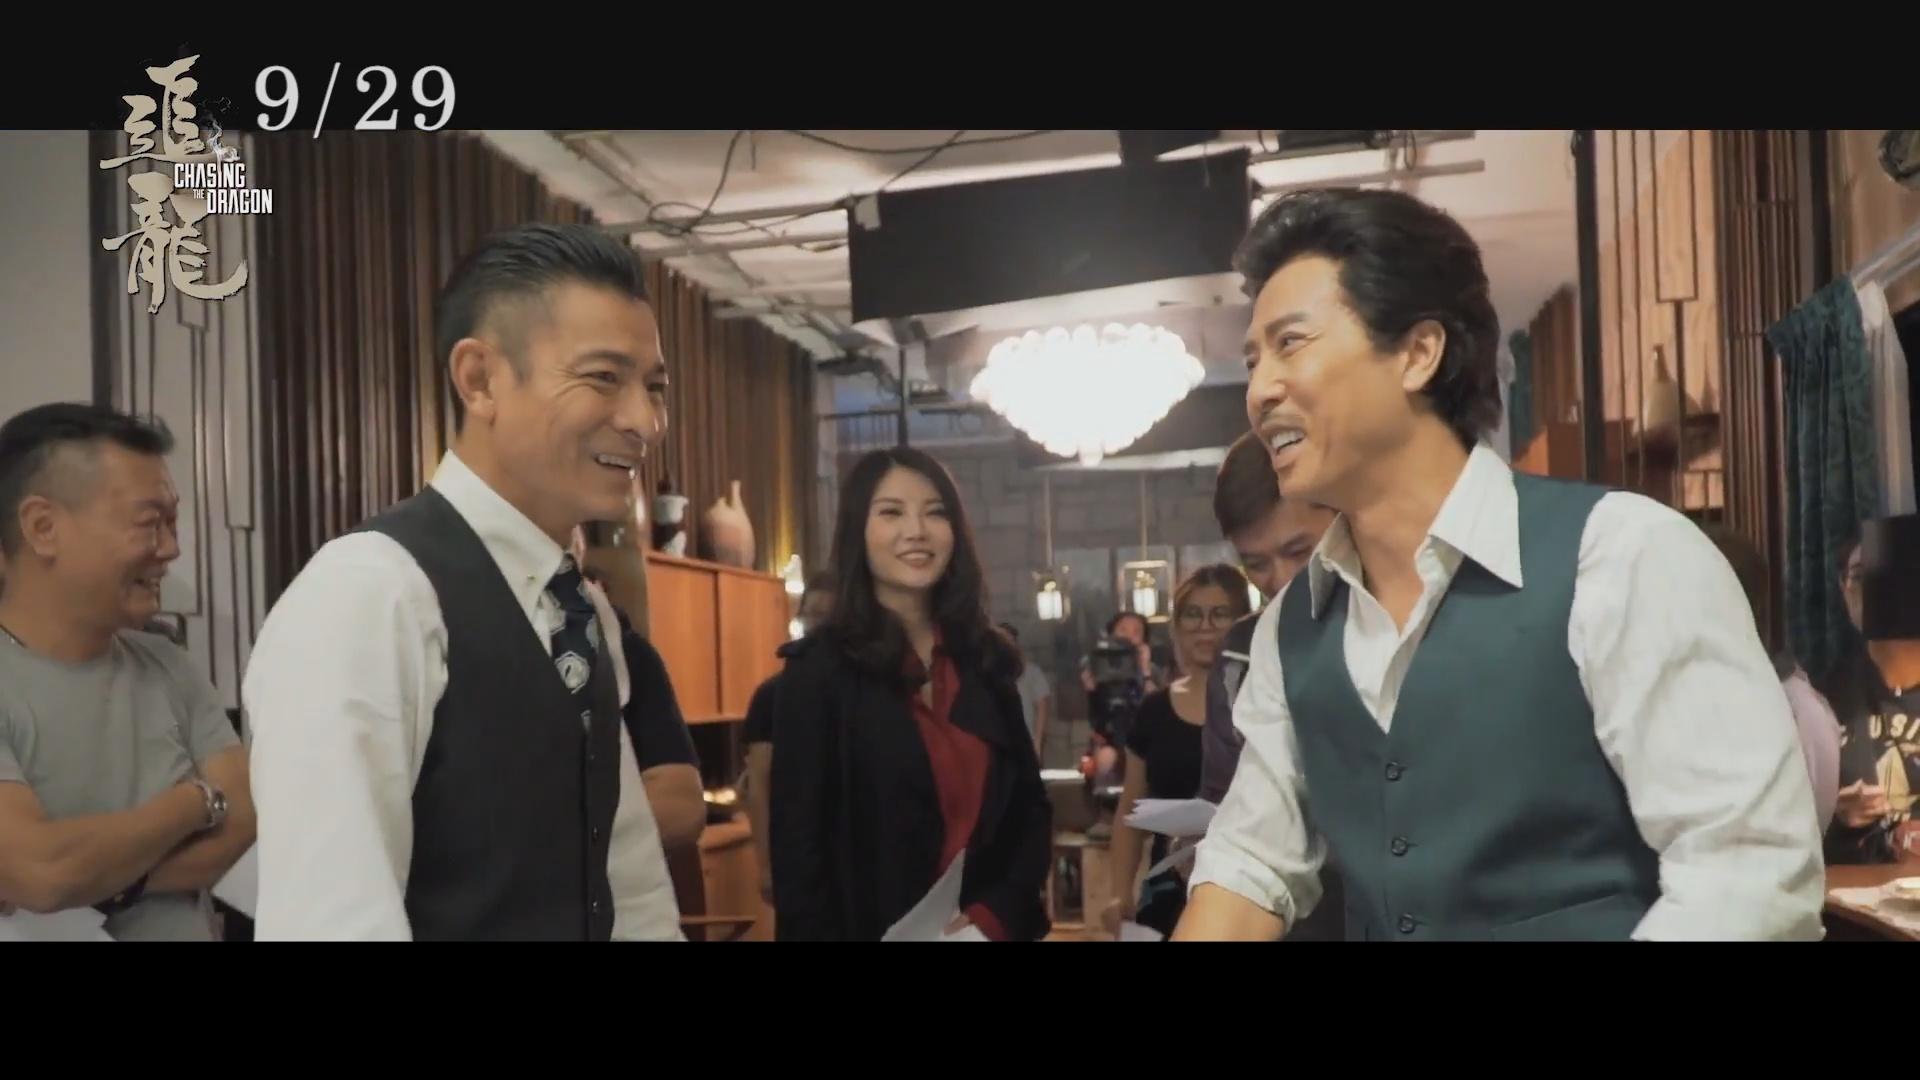 刘德华 甄子丹《追龙》最新电影幕后花絮之用质感篇